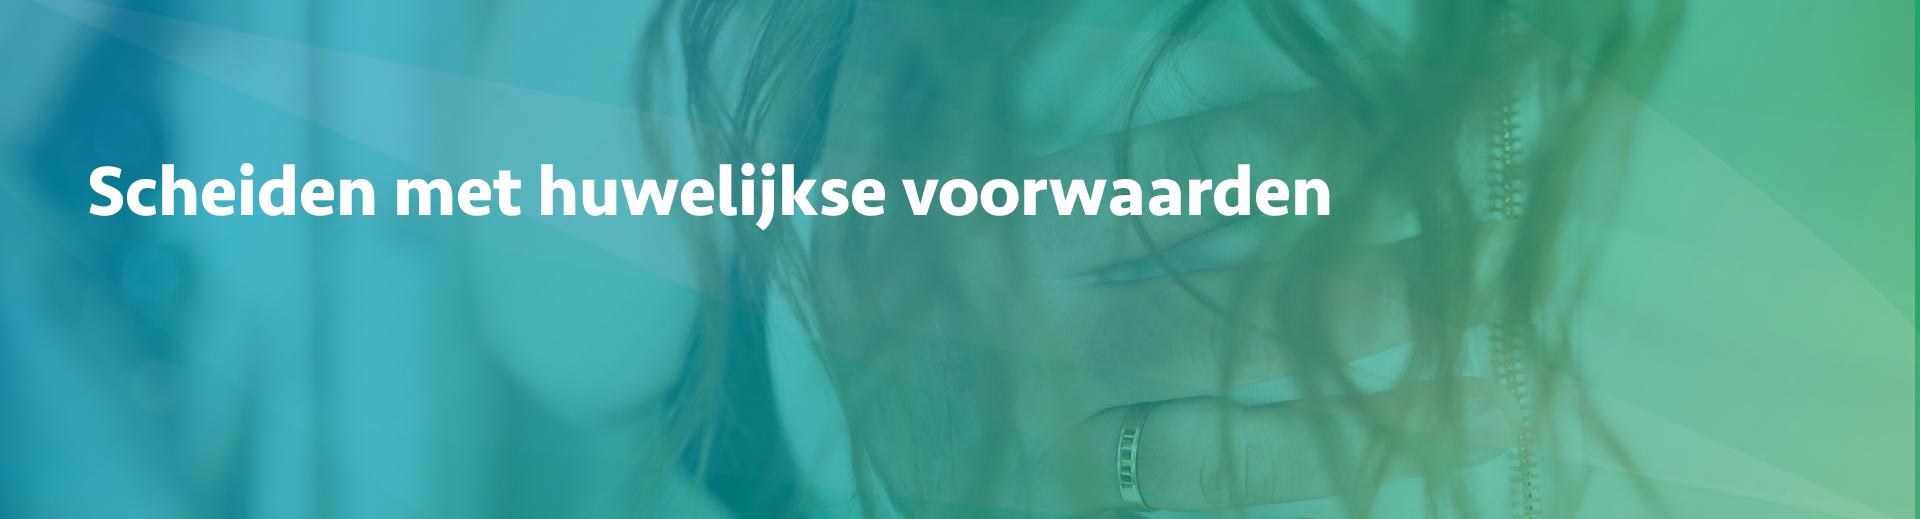 scheiden met huwelijkse voorwaarden - Scheidingsplanner Midden-Nederland